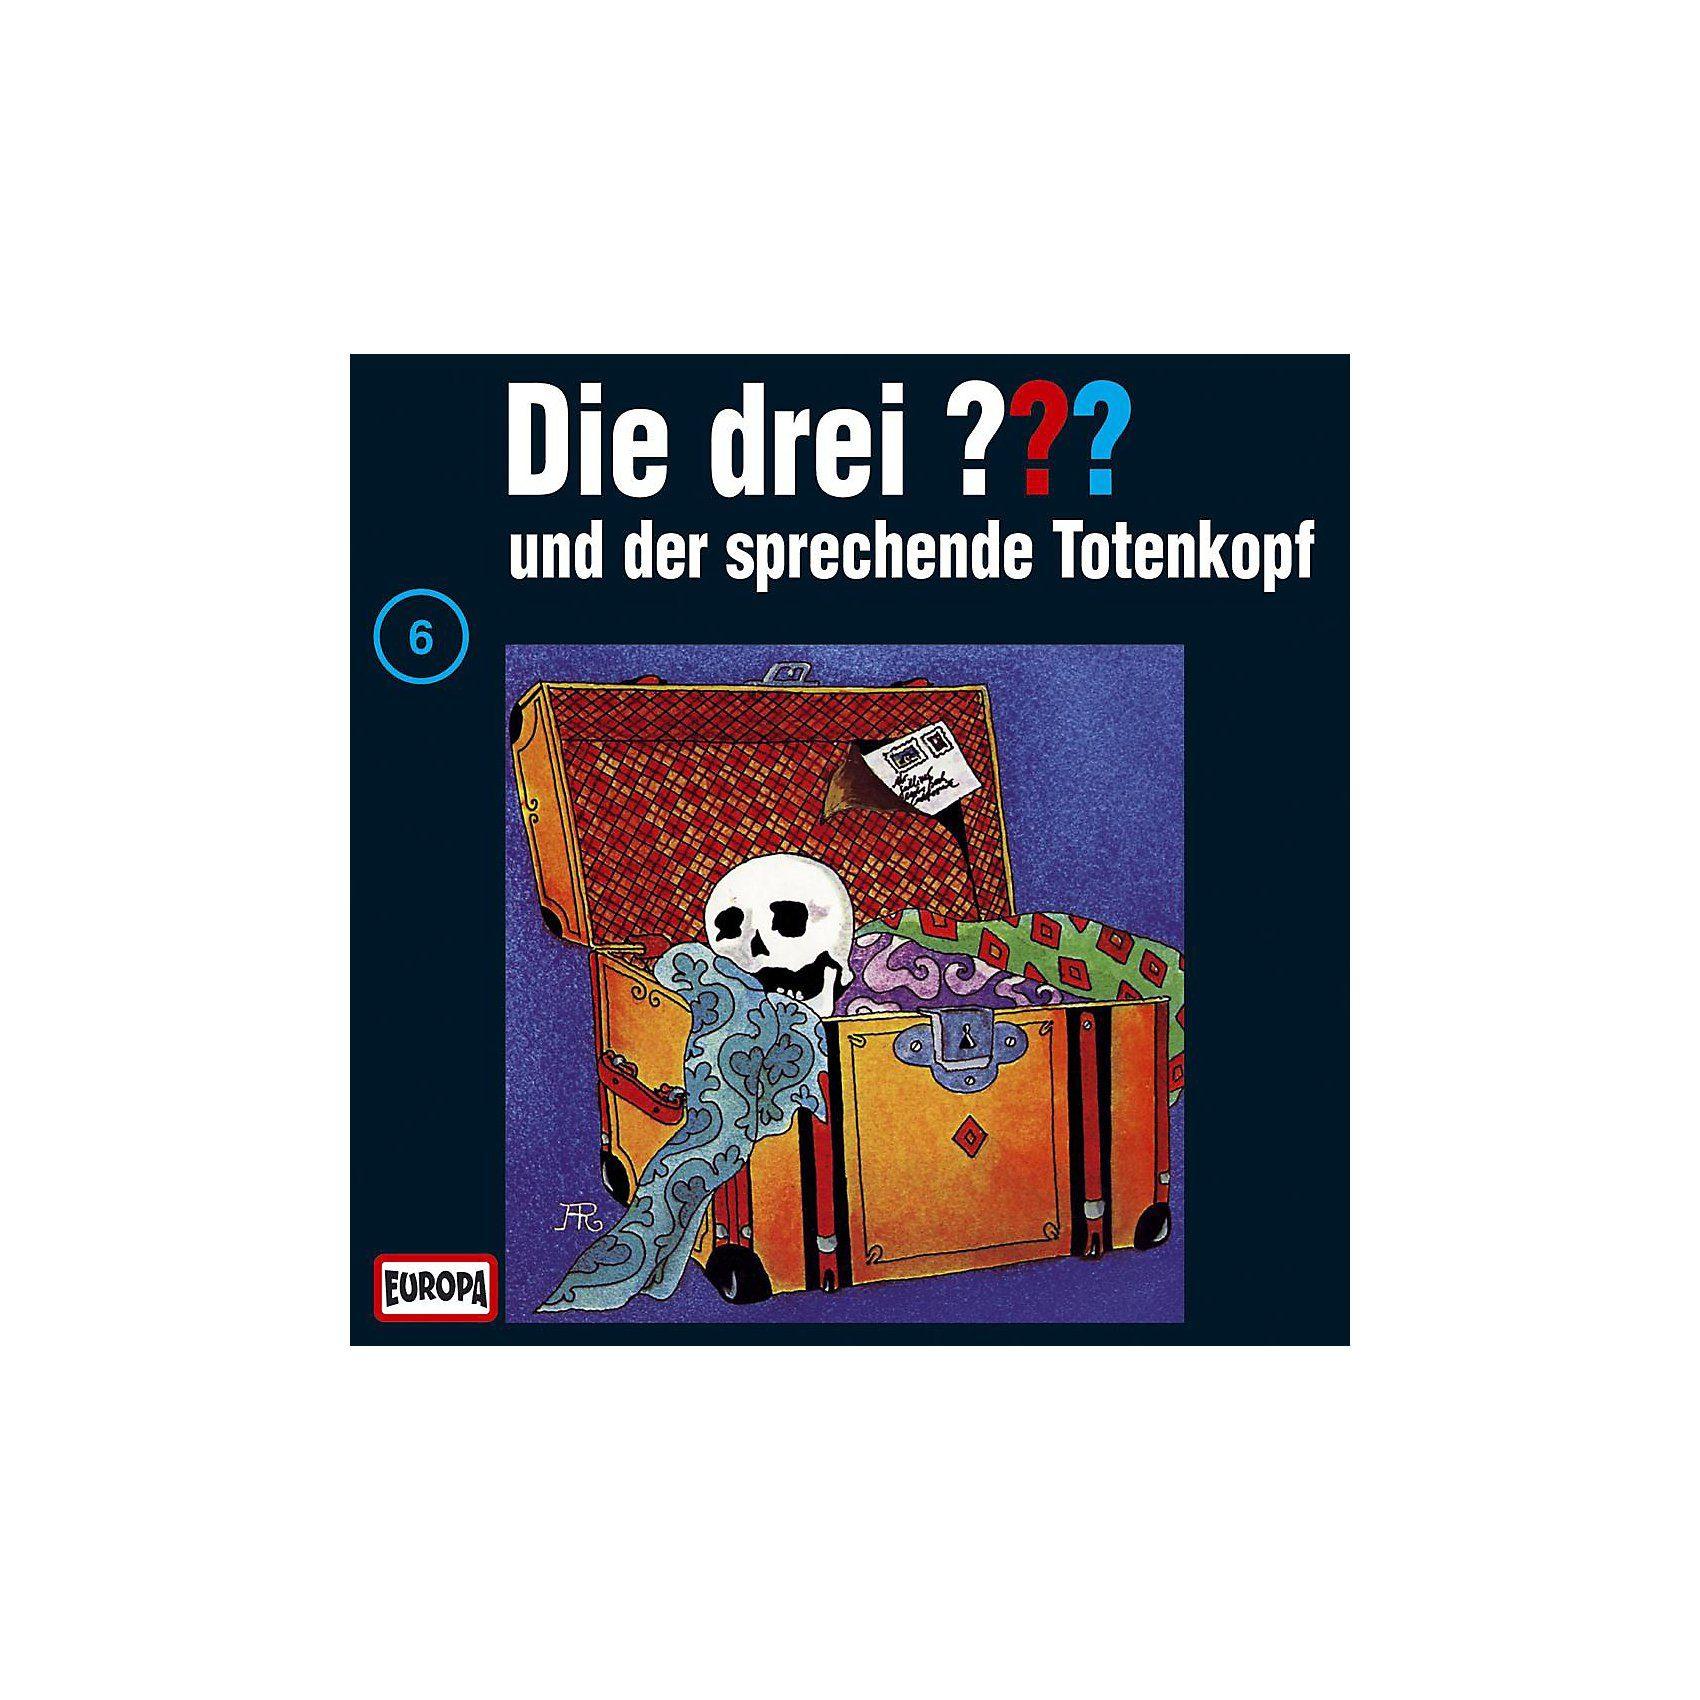 Sony CD Die drei ??? 006 (der sprechende Totenkopf)